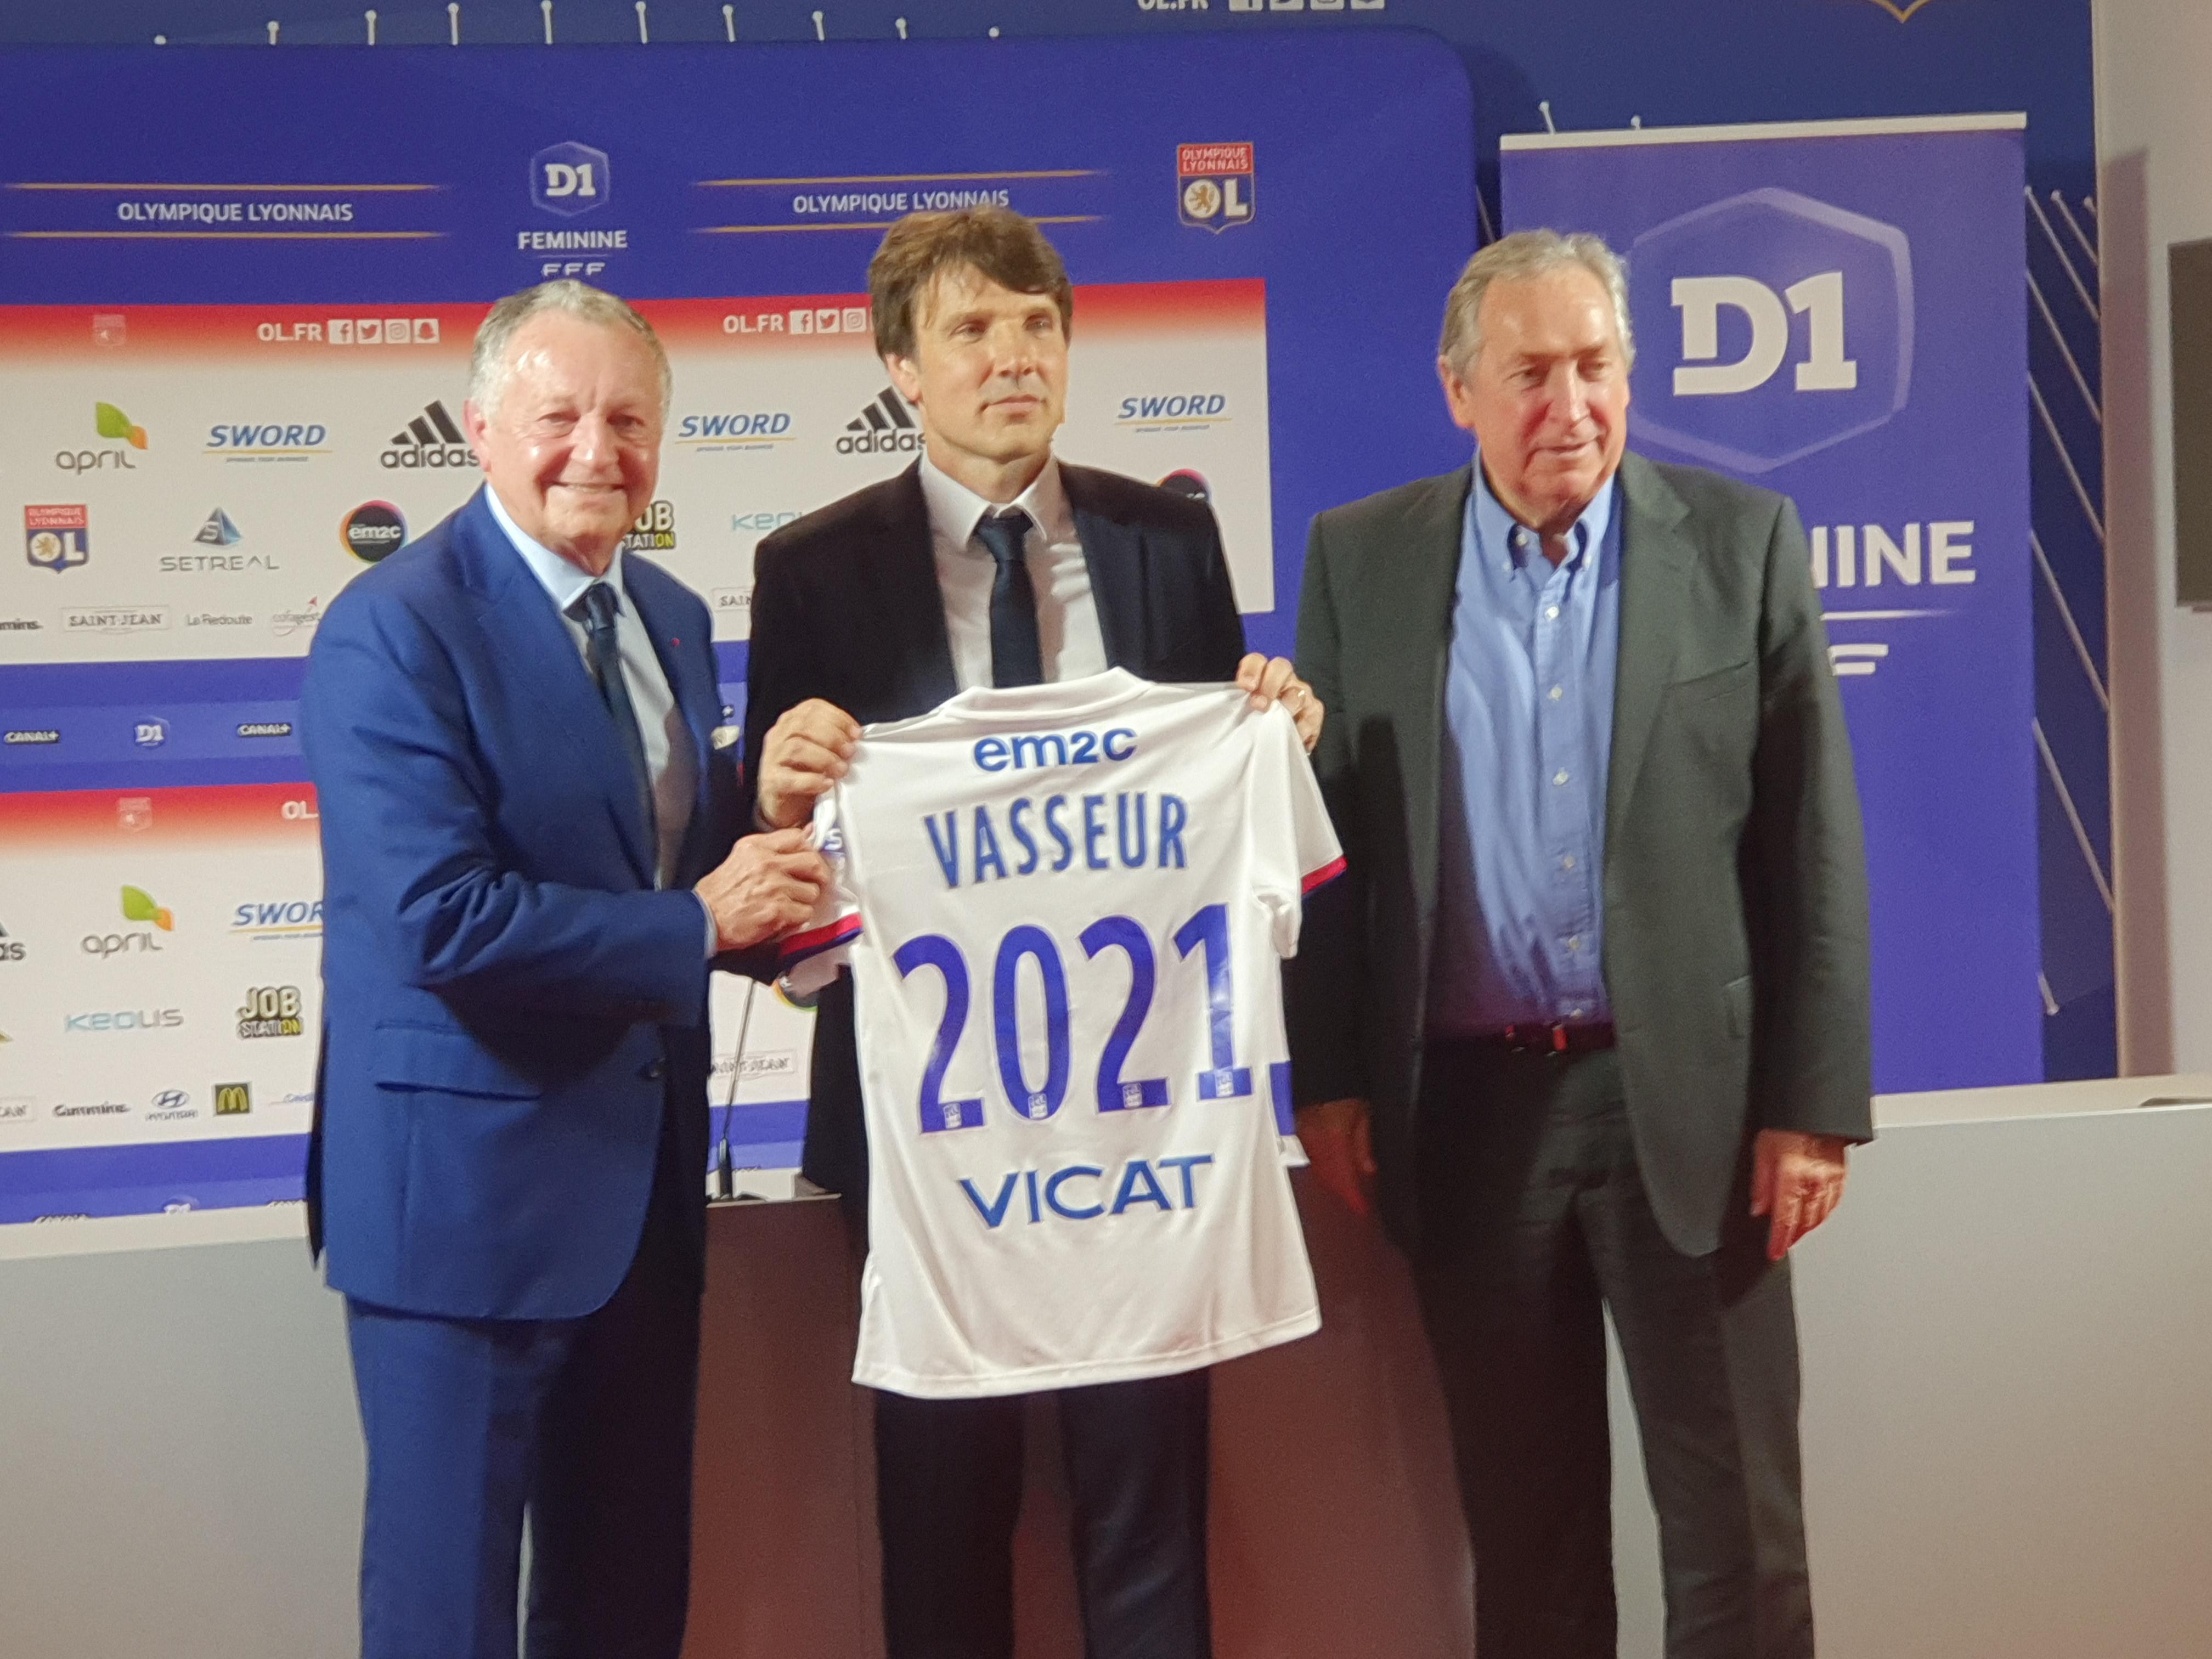 Jean-Luc Vasseur nommé entraîneur de l'équipe féminine — OL